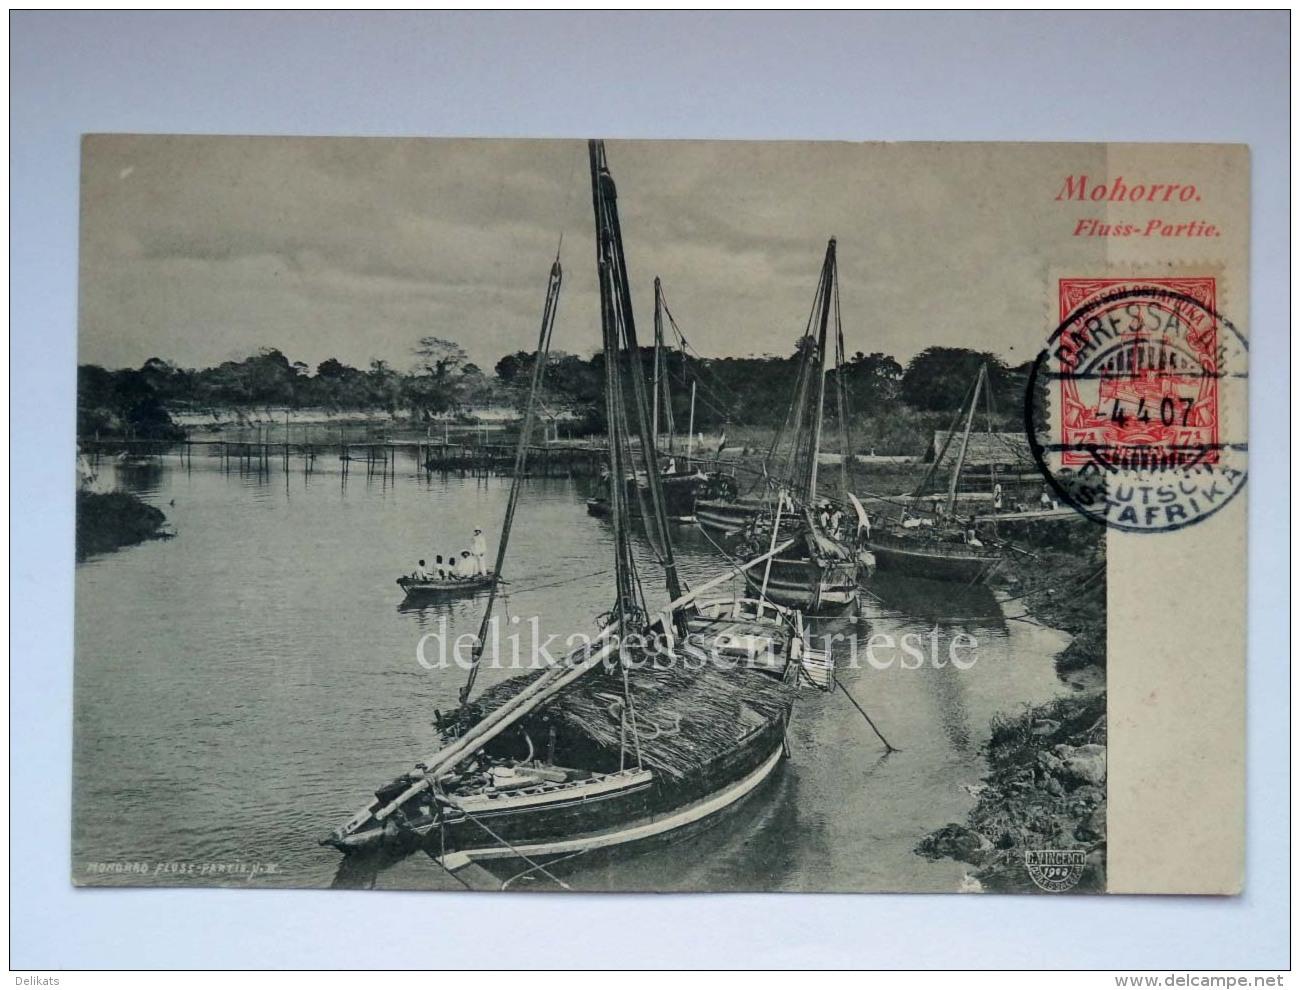 AFRICA DOA Deutsch Ostafrika Colonia MOHORRO Fluss River AK Old Postcard - Burundi